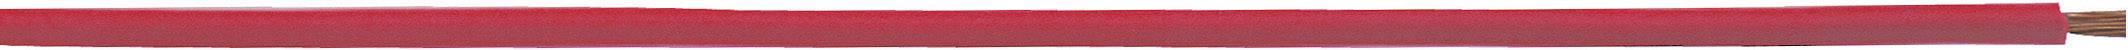 Opletenie / lanko LappKabel 4510073S H05V-K, 1 x 1 mm², vonkajší Ø 2.80 mm, 250 m, fialová